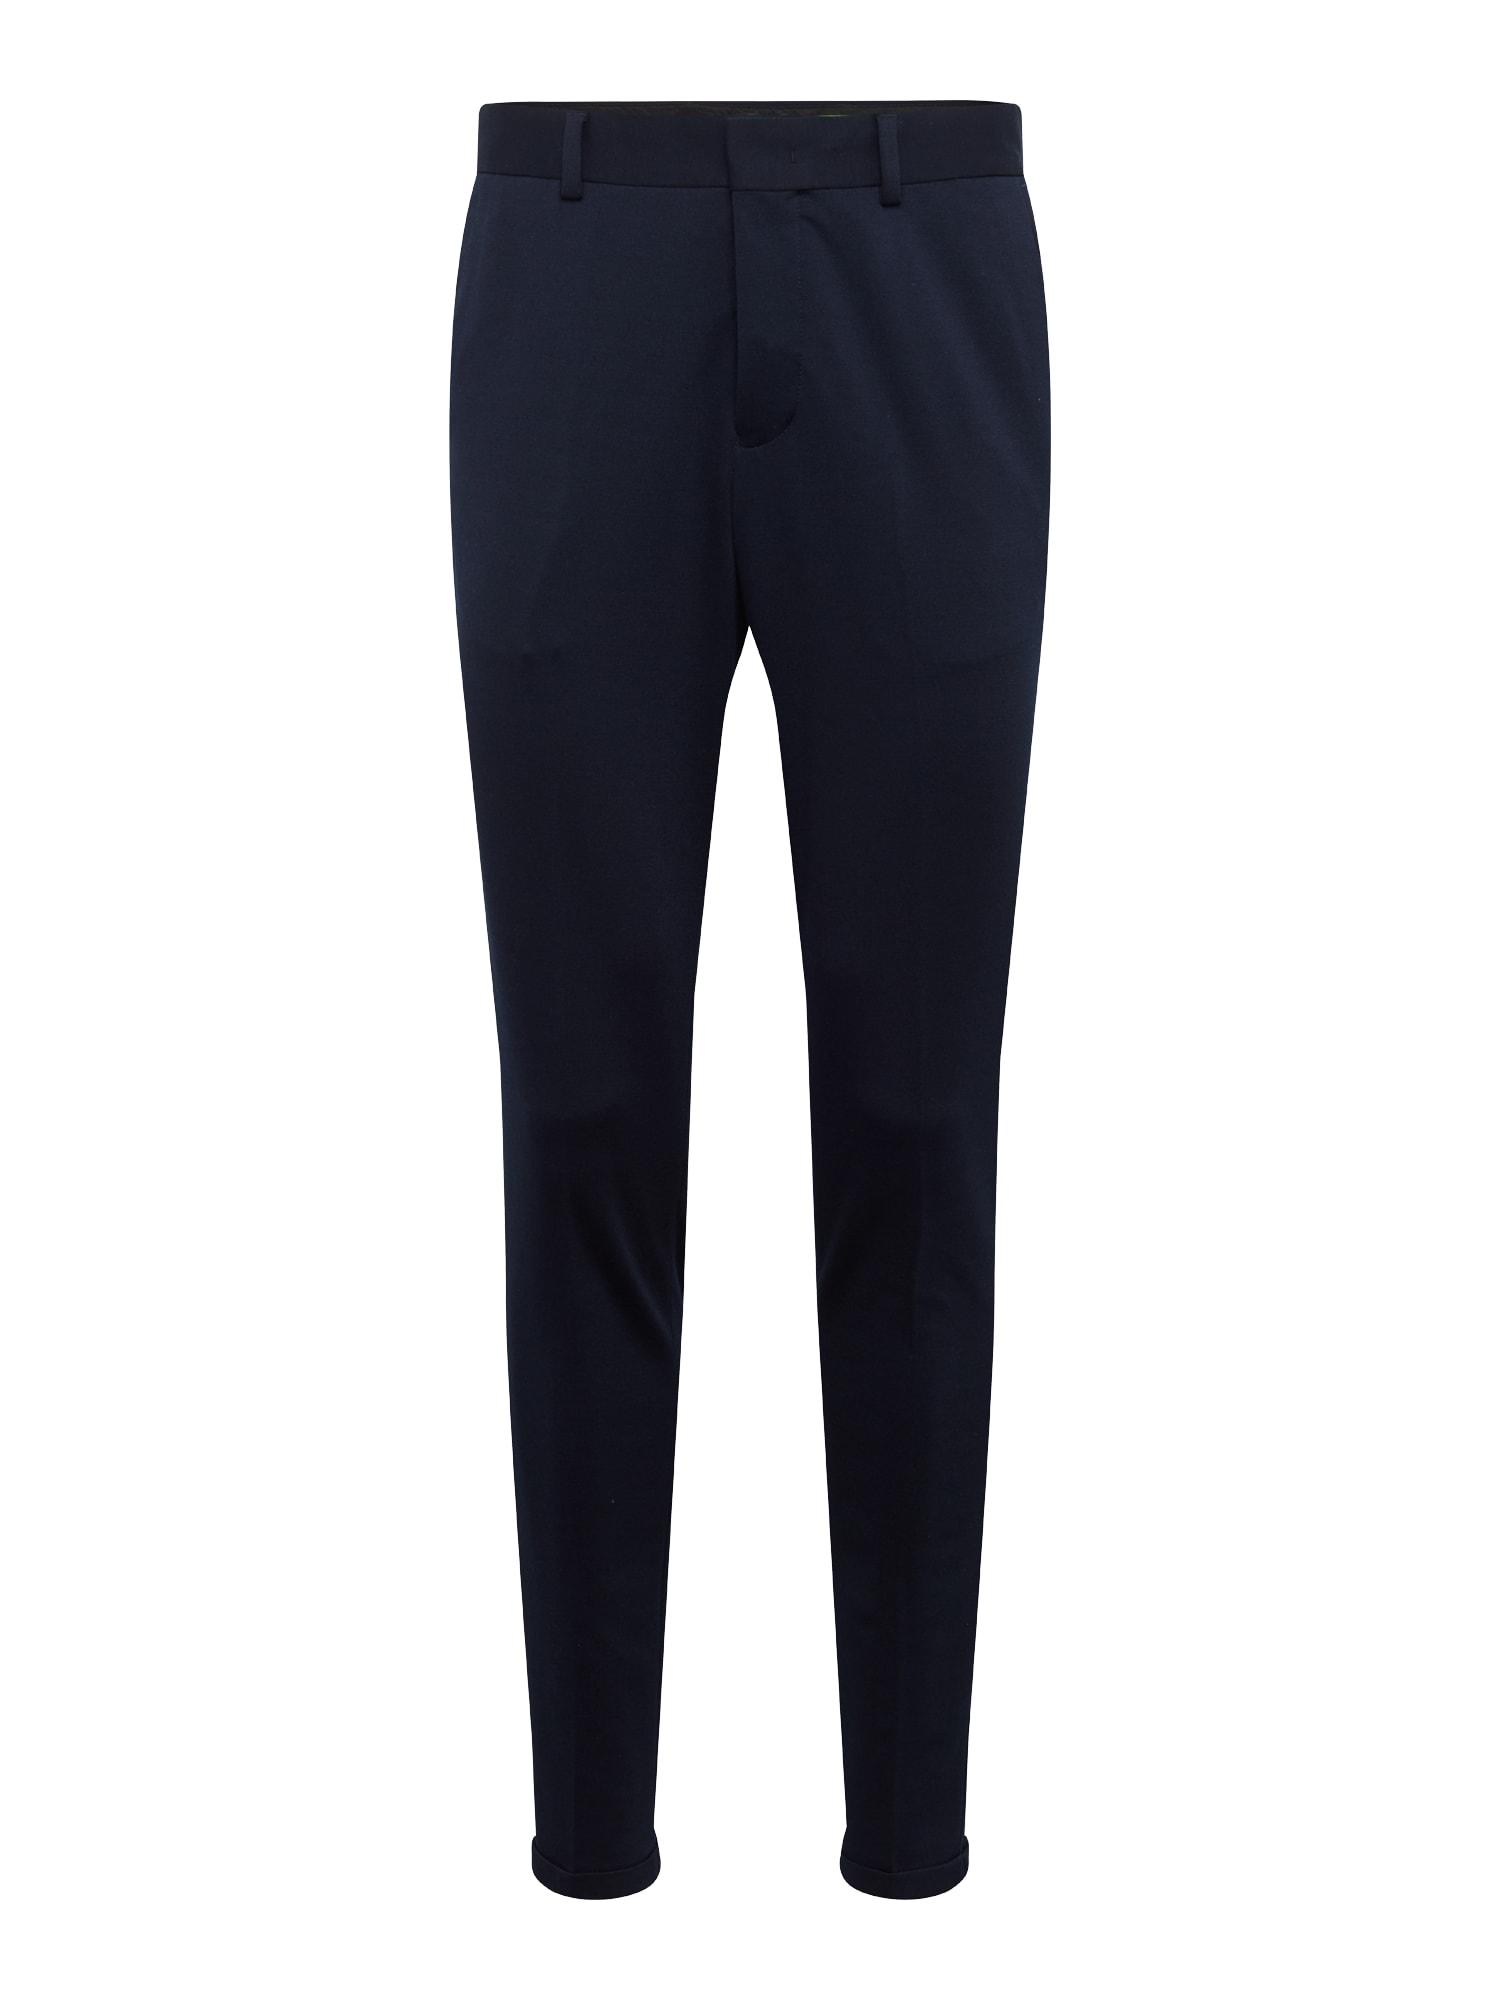 Kalhoty s puky NOOS B noční modrá SELECTED HOMME